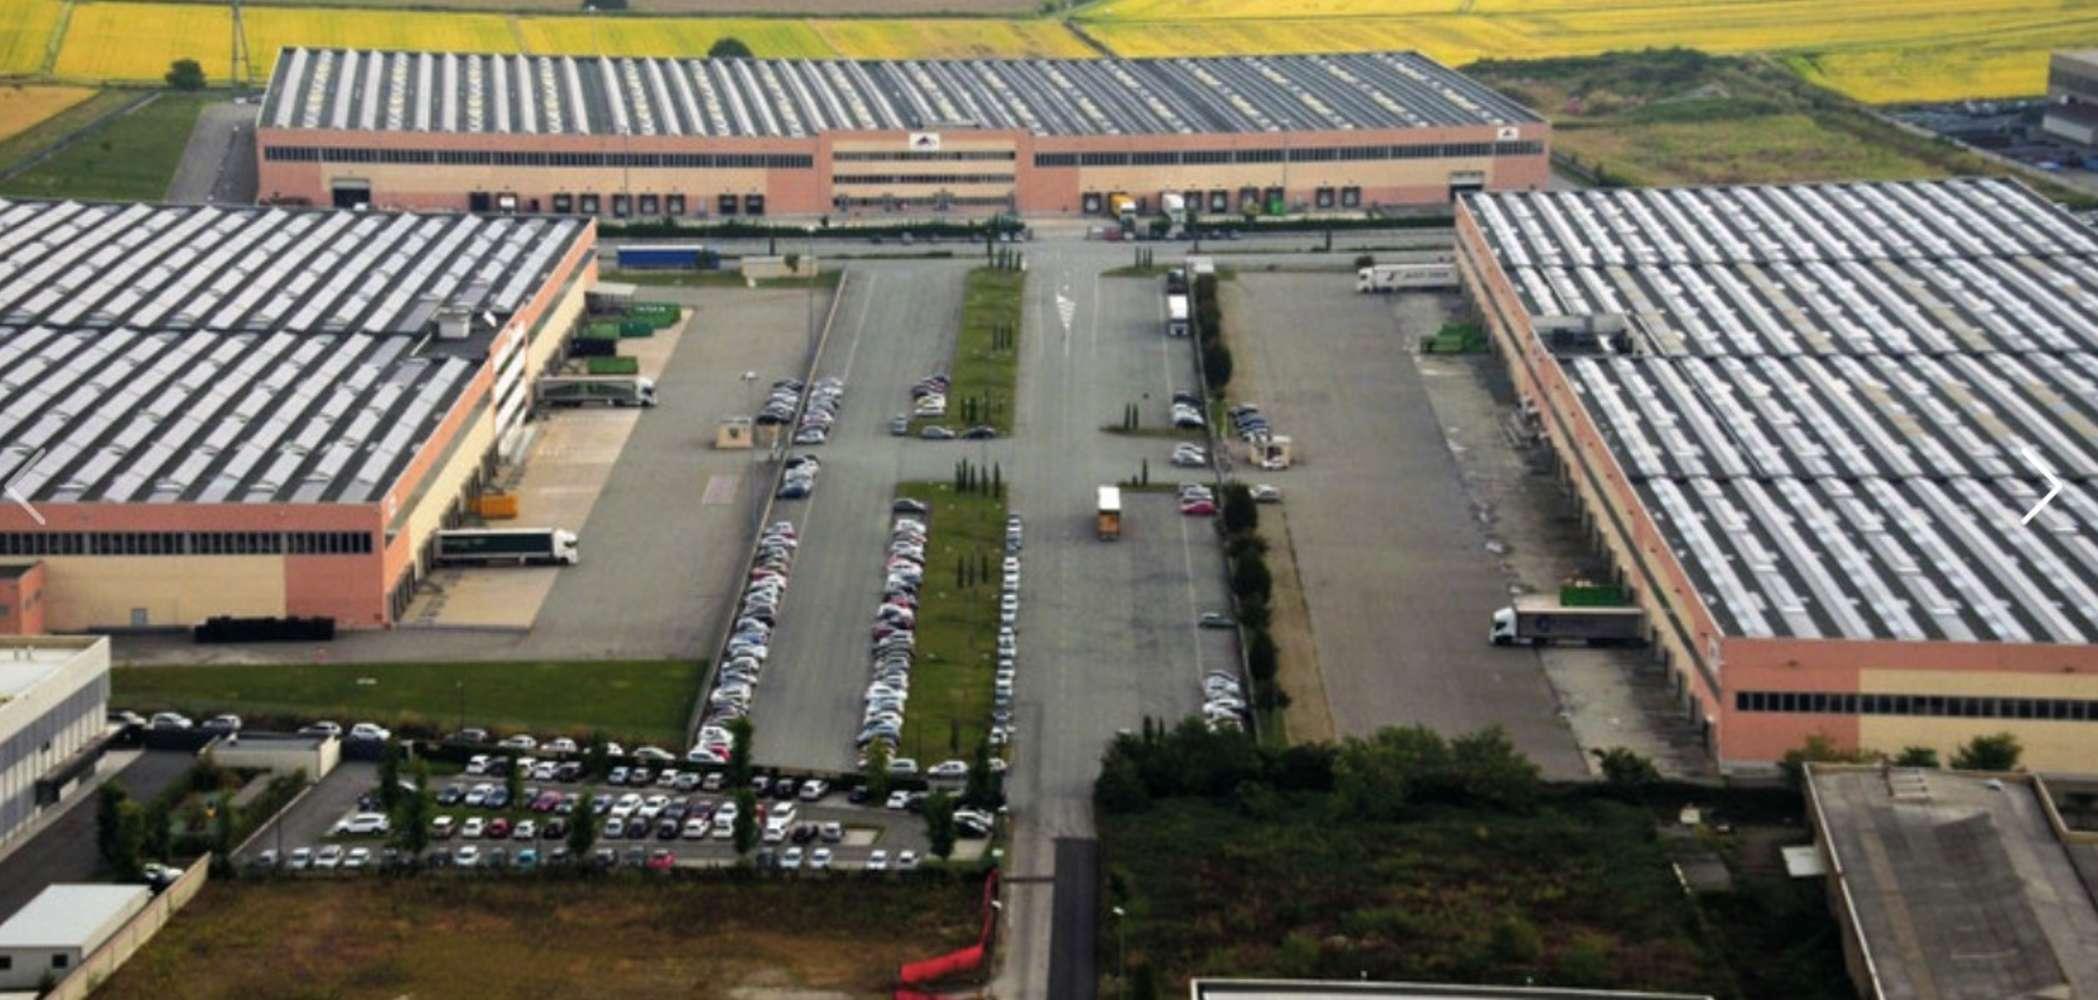 Magazzini industriali e logistici San pietro mosezzo, 28060 - Magazzini logistici 2 - 3 San Pietro Mosezzo - 10917610